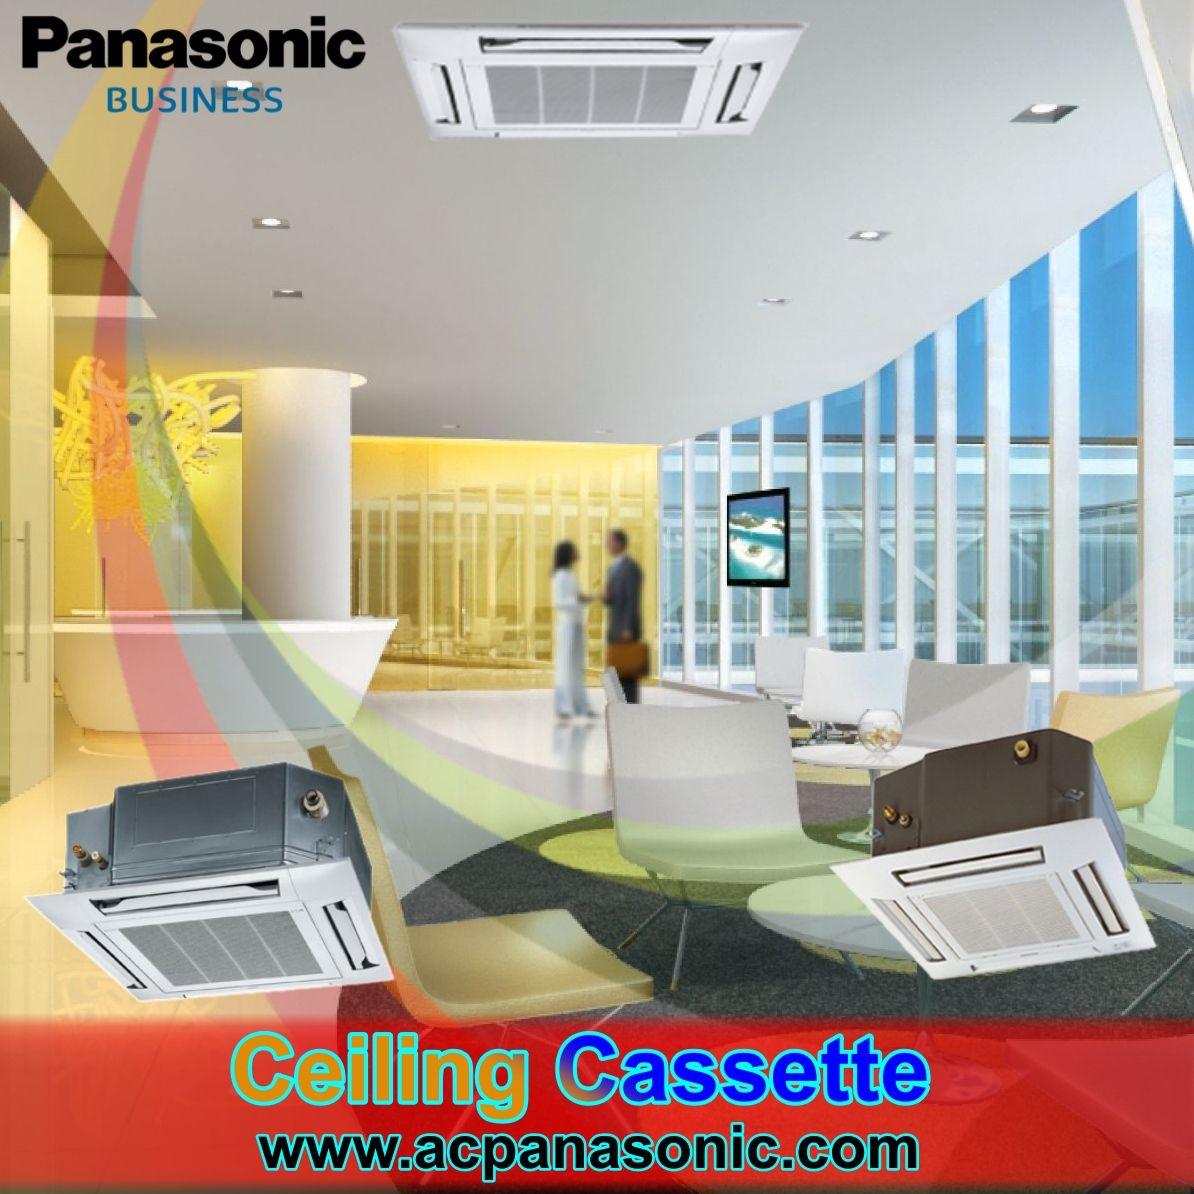 Panasonic Cassette Ac Ceiling Cassette Panasonic Dealer Resmi Ac Daikin Mitsubishi Panasonic Haier Akari Mitsubishi Air Conditioner Ceiling Panasonic